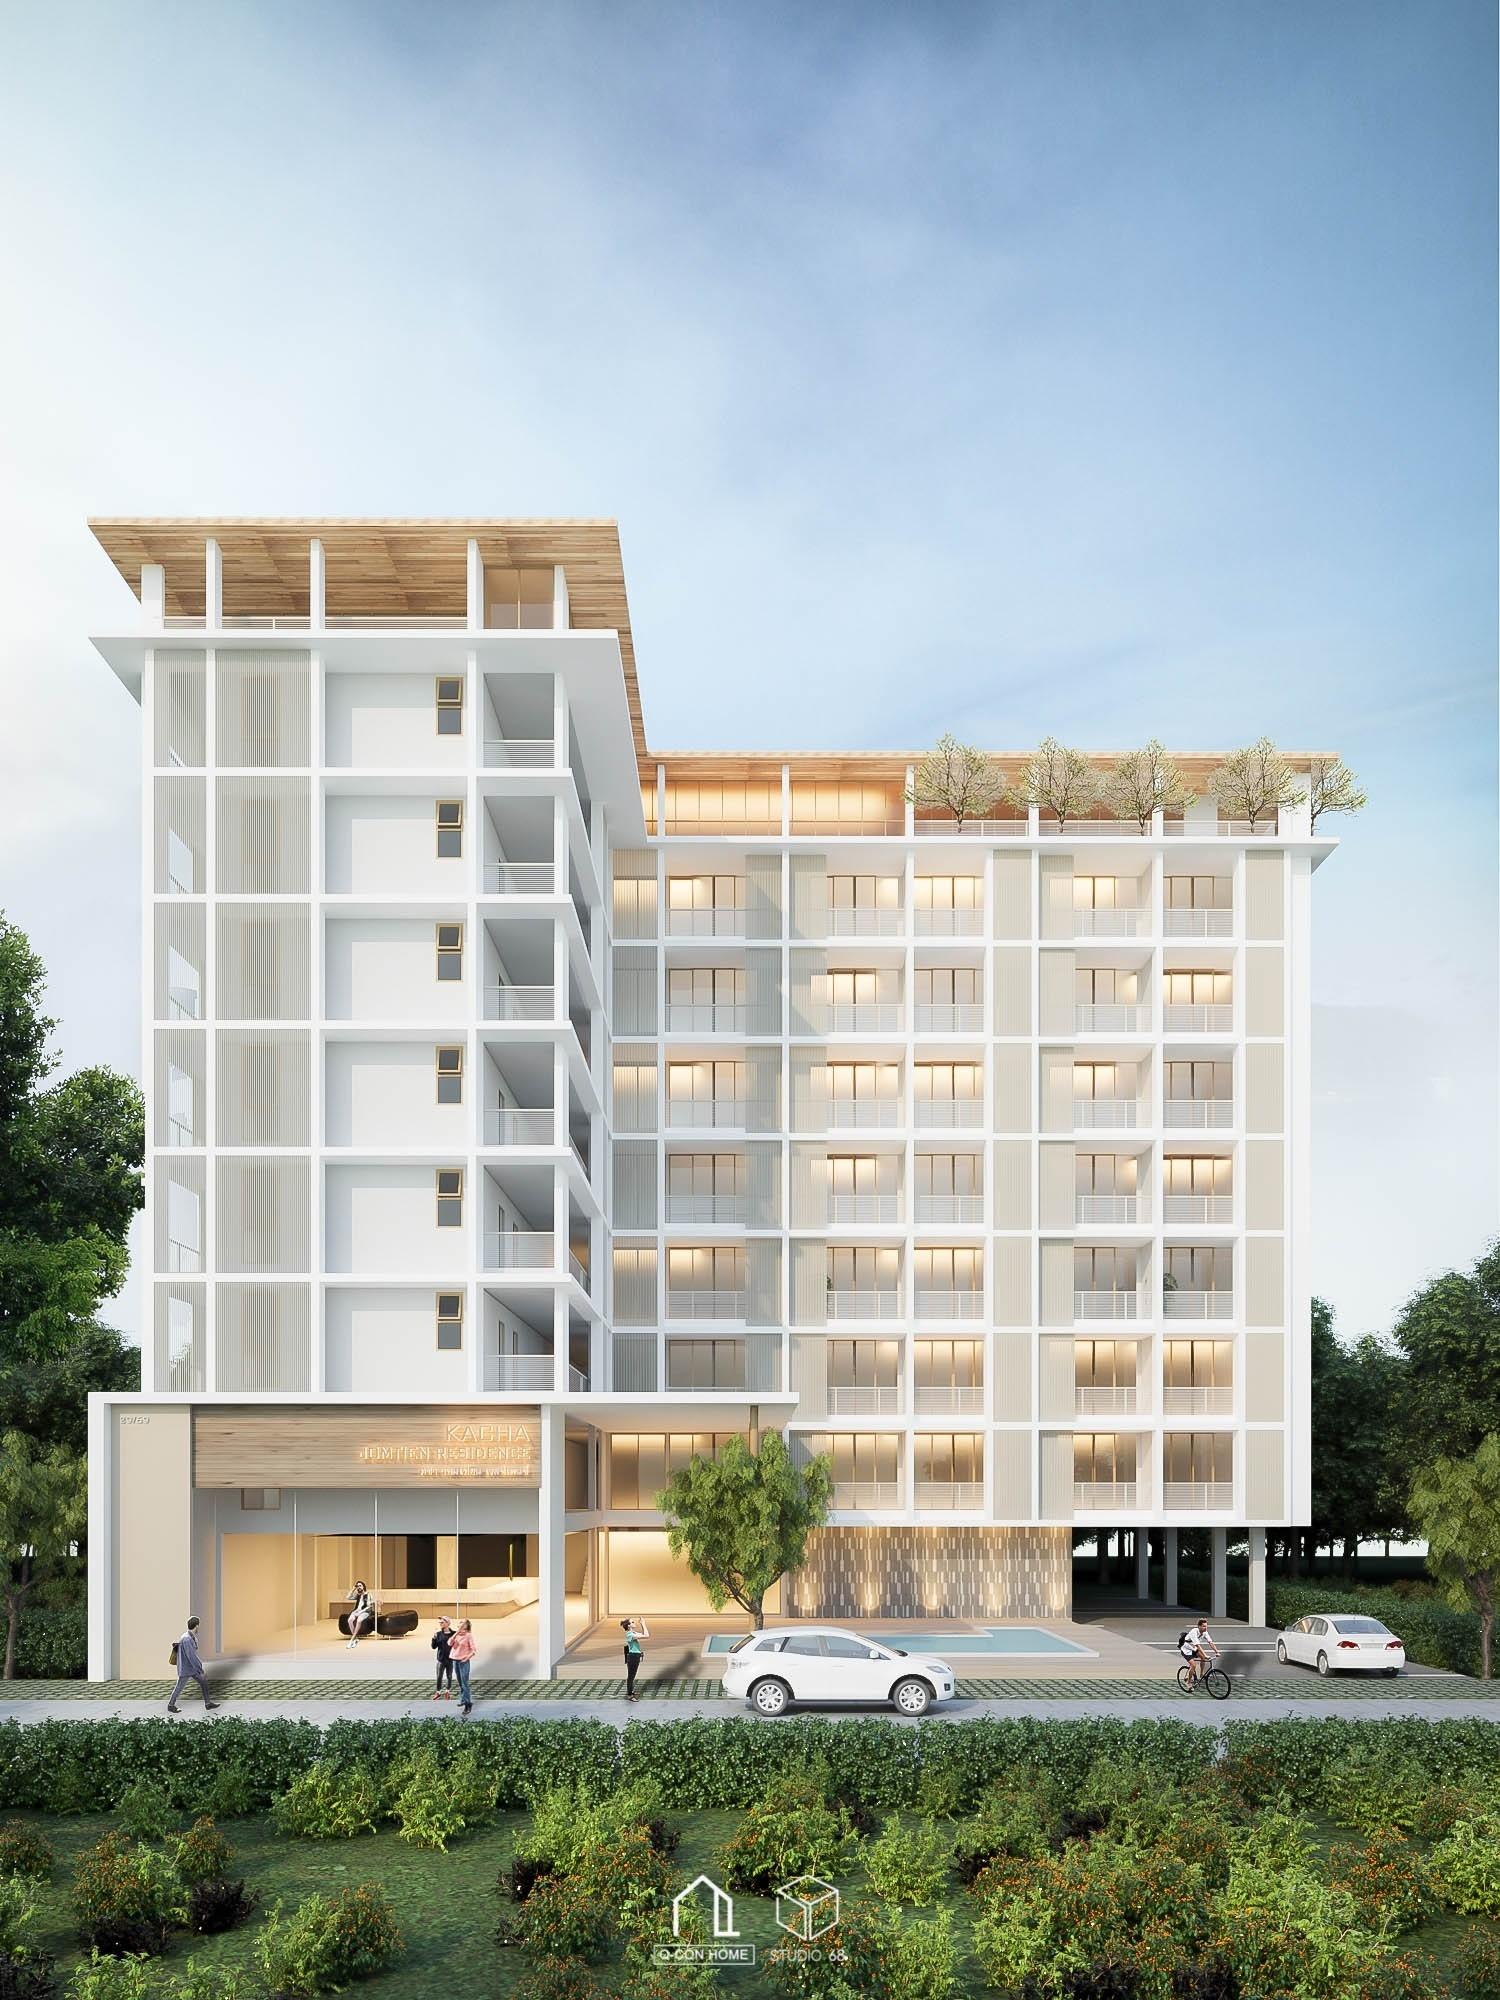 รับออกแบบโรงแรม, รับสร้างโรงแรม, บริษัทออกแบบโรงแรม, โรงแรมสไตล์ Modern